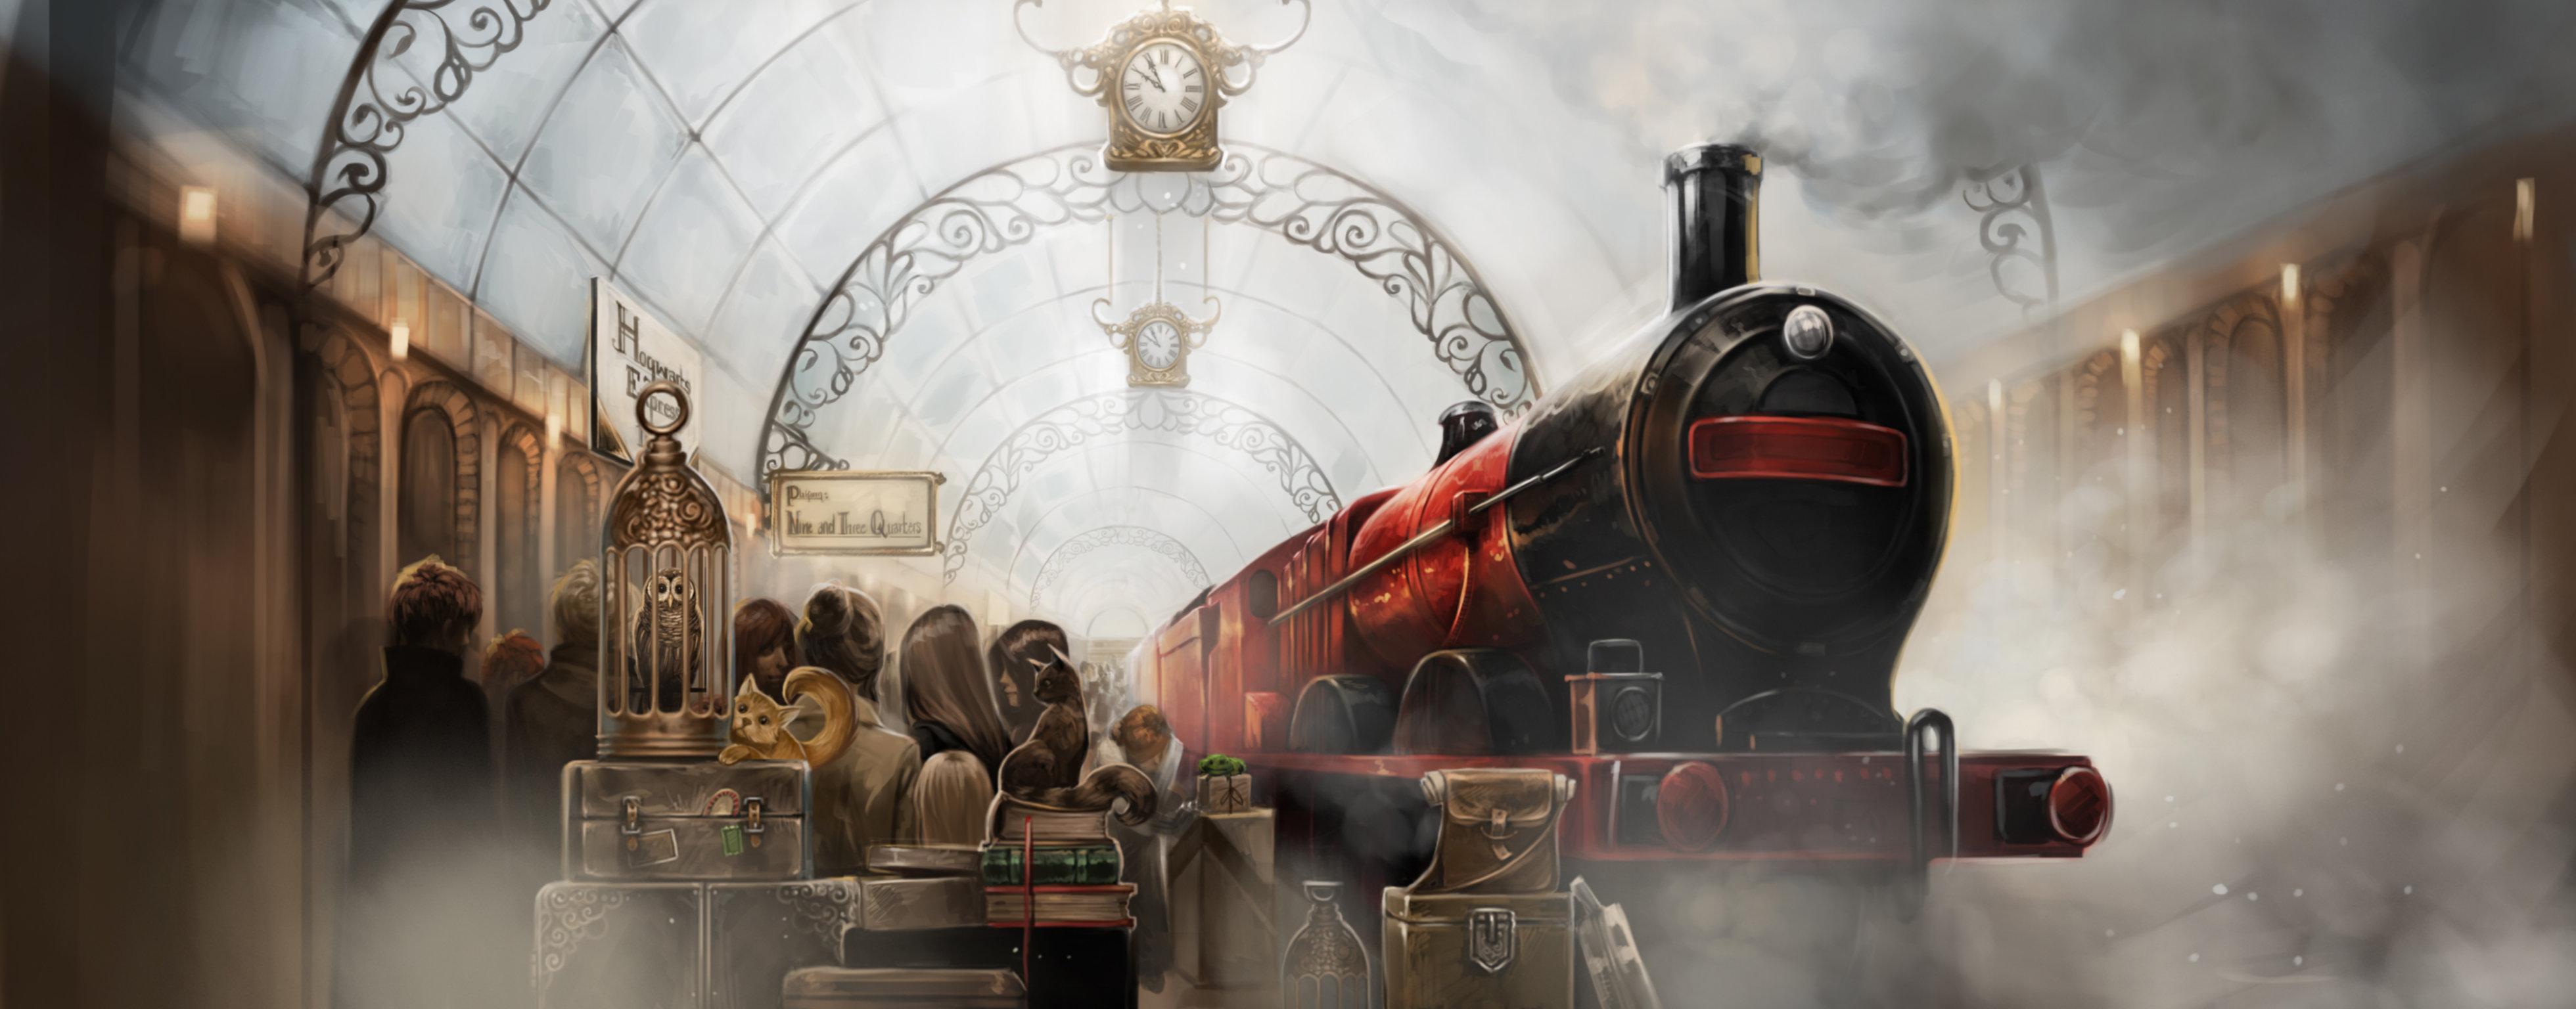 霍格沃茨特快列车